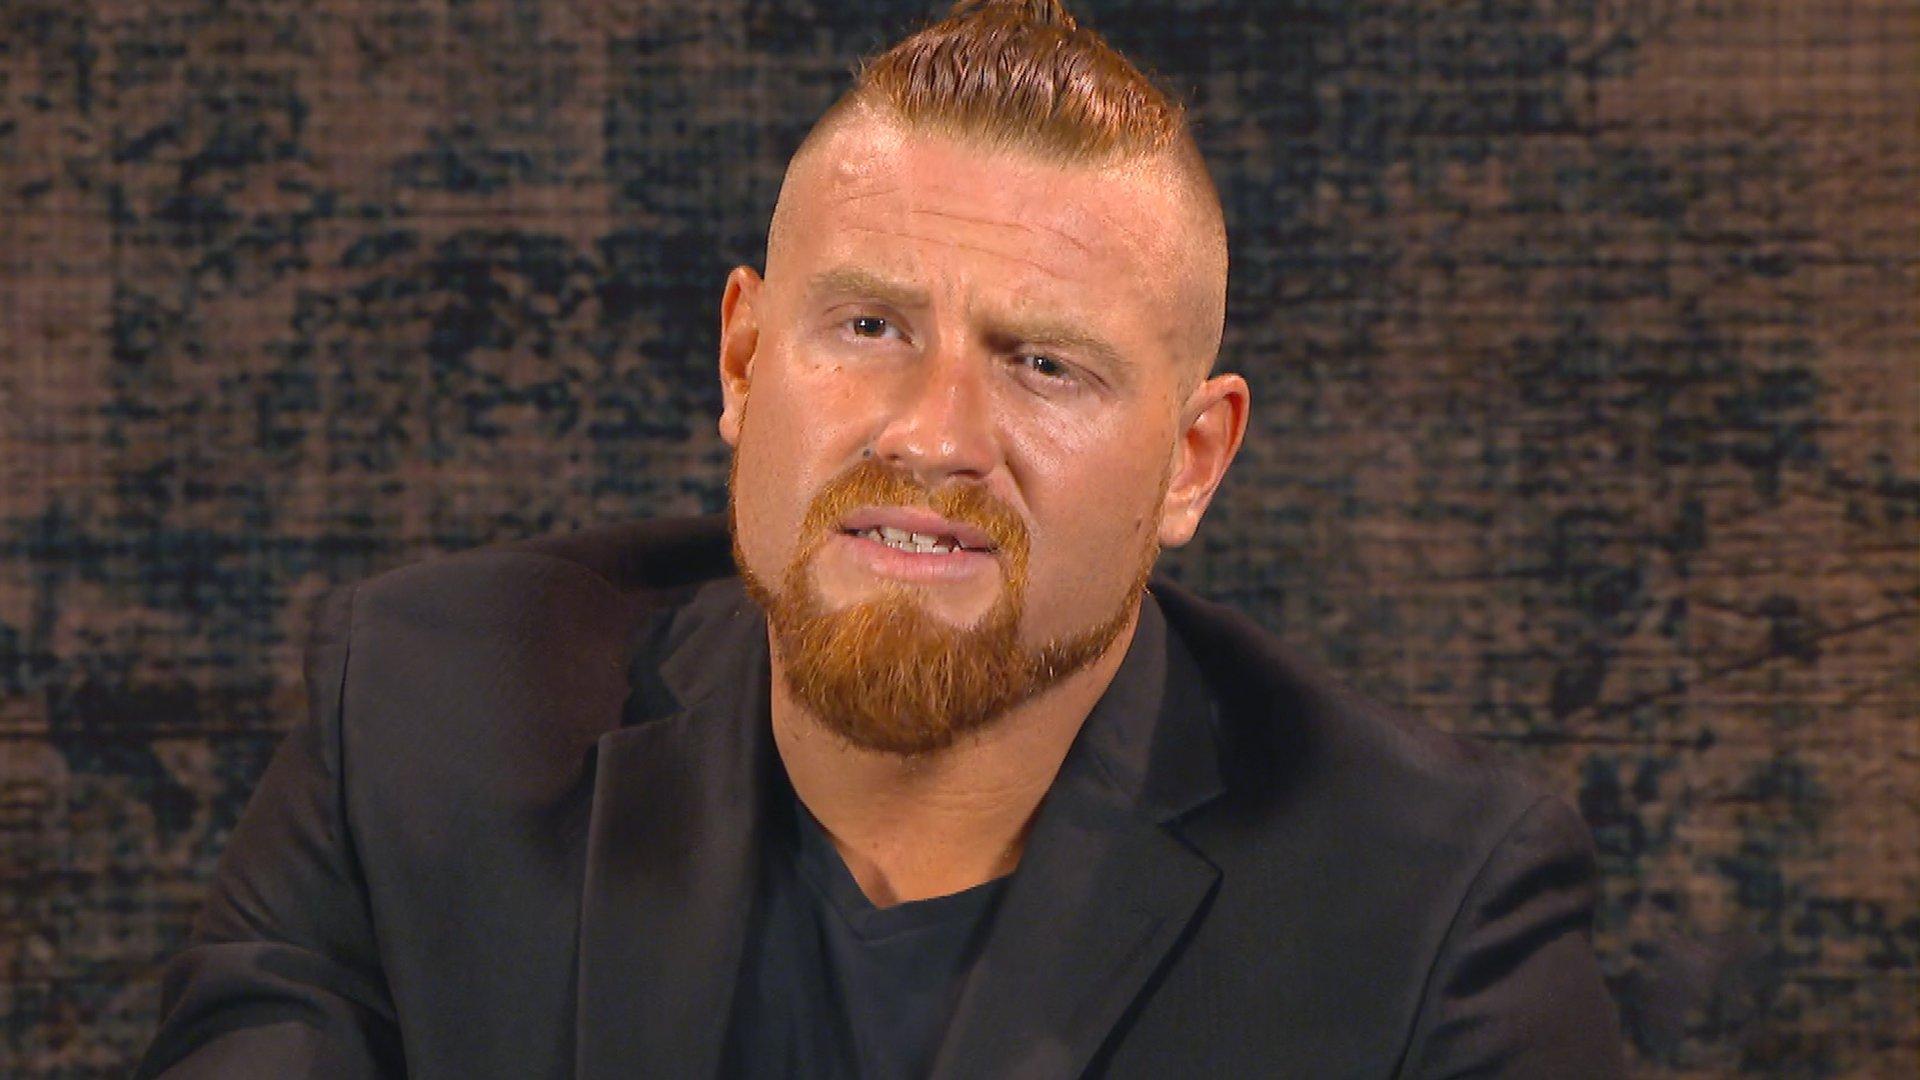 Buddy Murphy déterminé à remporter le Championnat Cruiserweight WWE coûte que coûte: WWE 205 Live, 15 Mai 2018